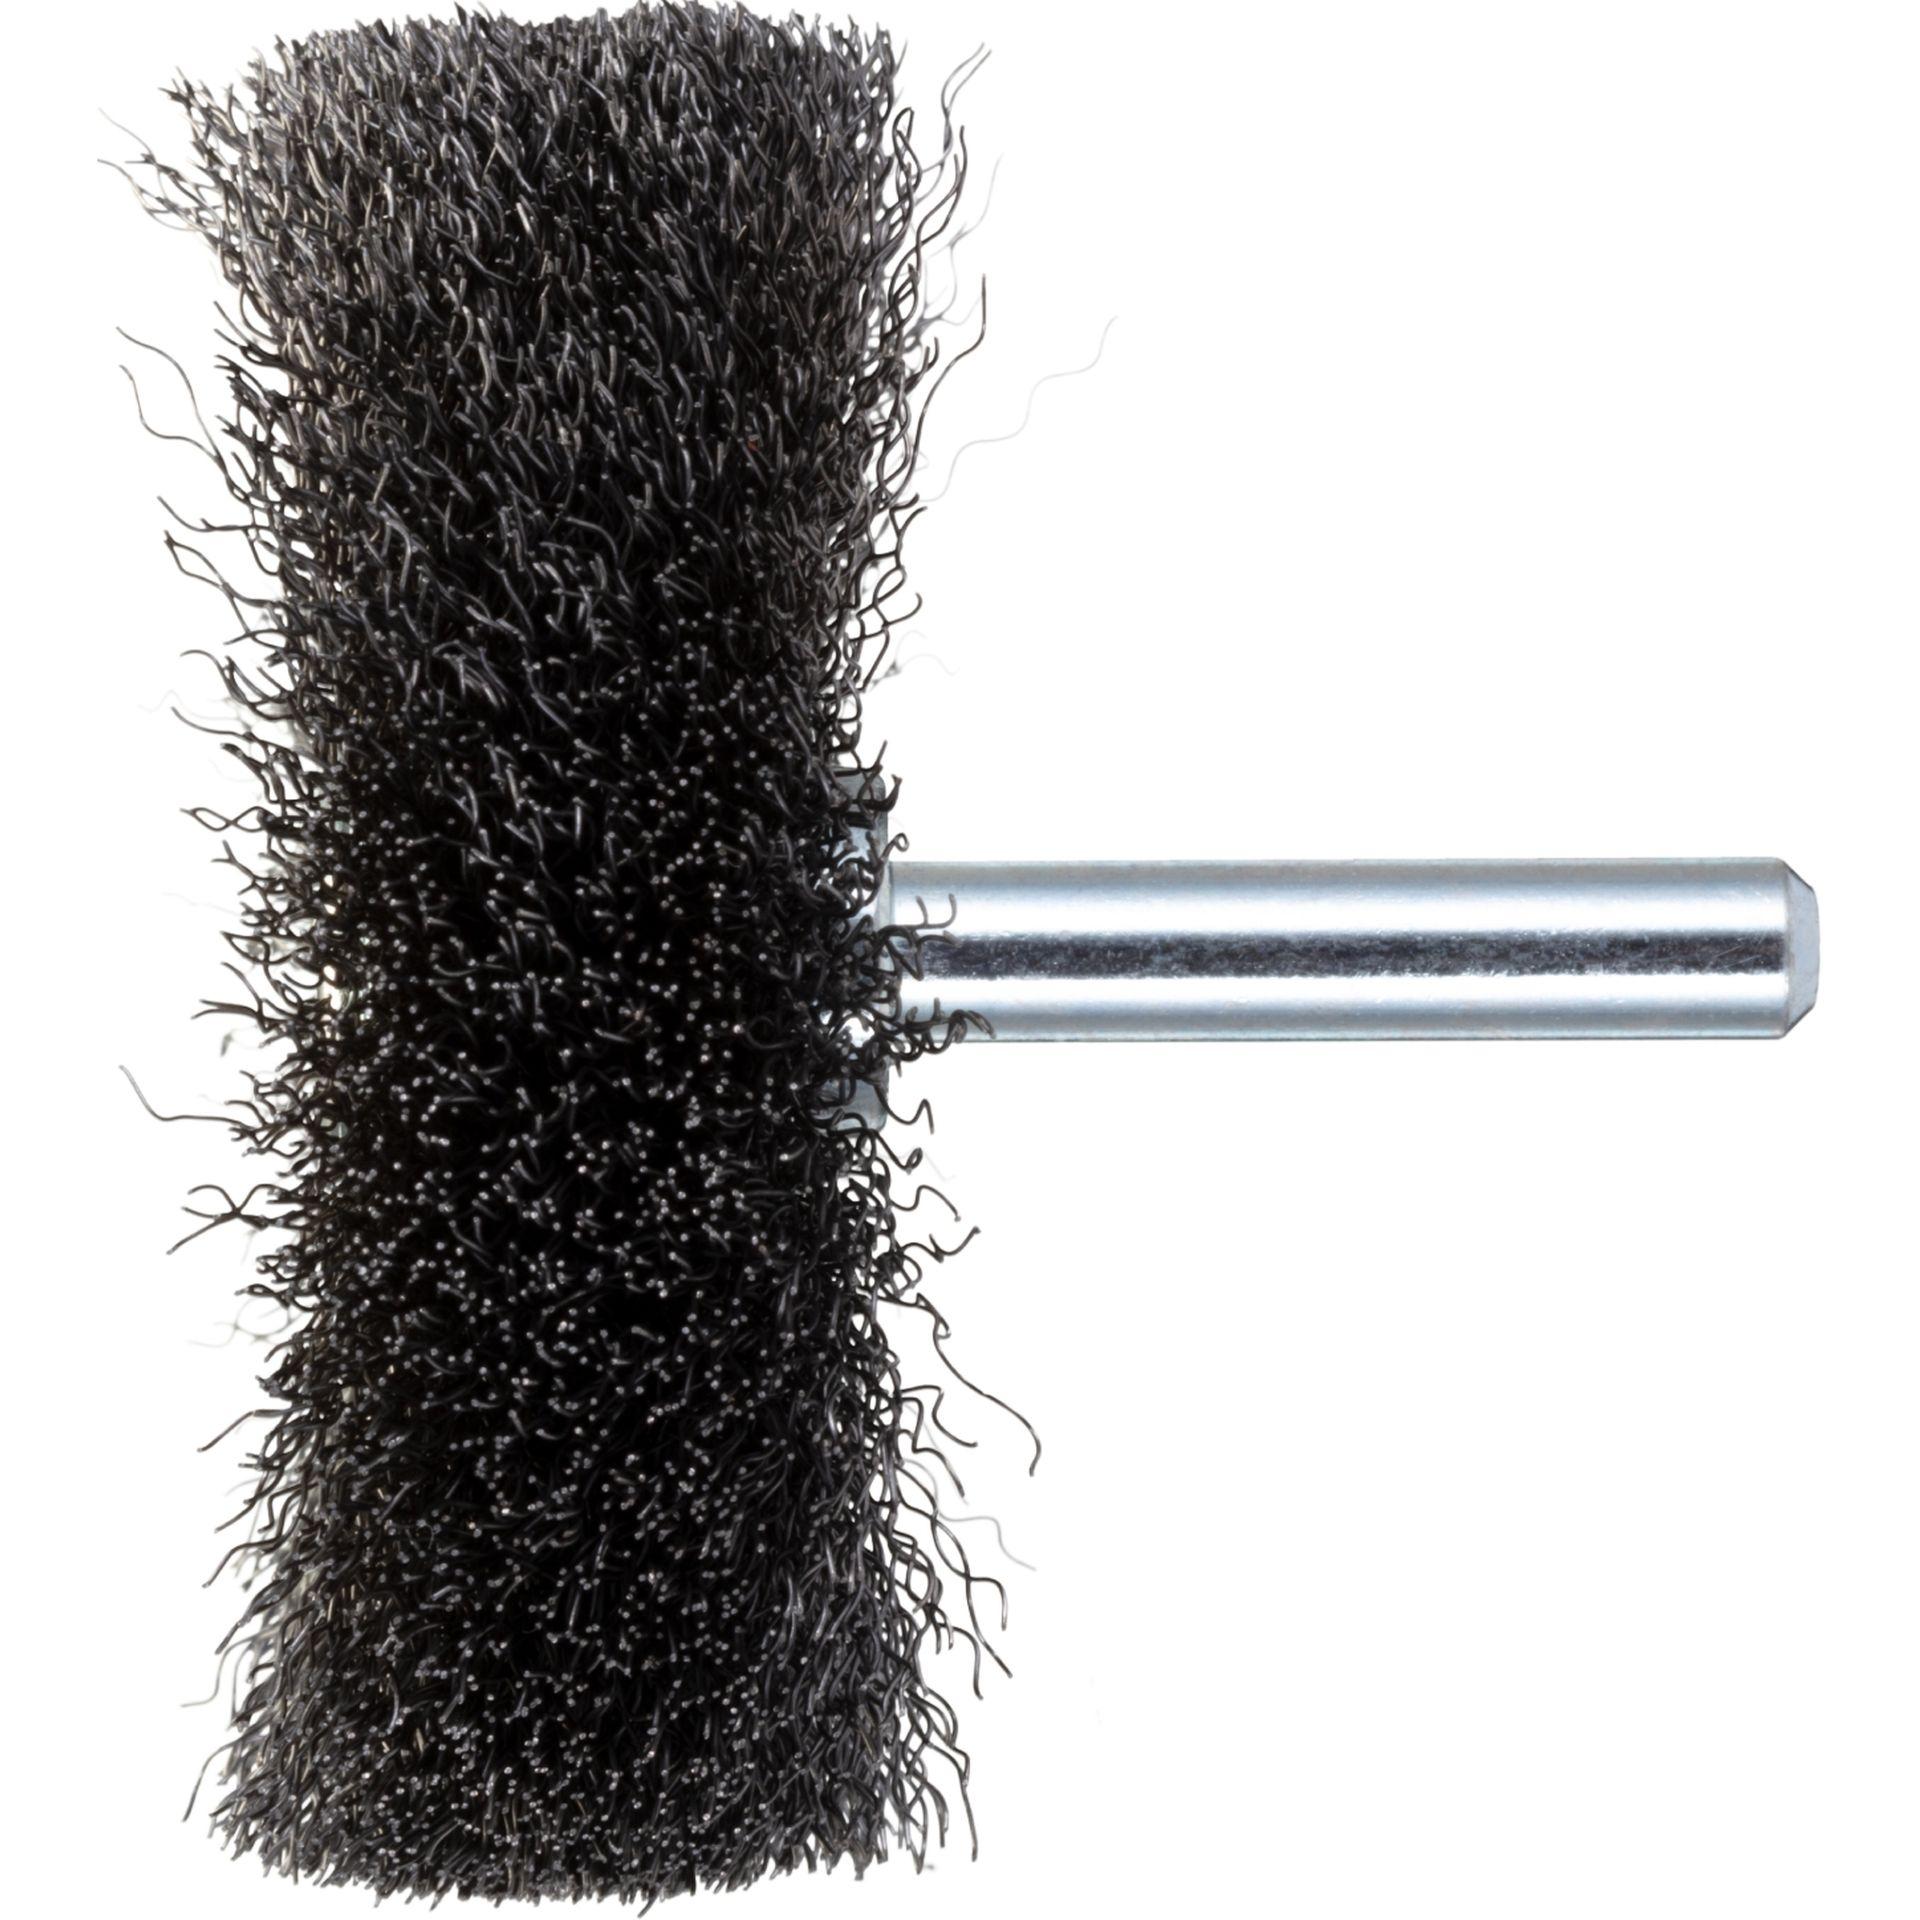 10x LUKAS Drahtbürste BSSW für Stahl 50x10 mm für Bohrmaschinen gewellt